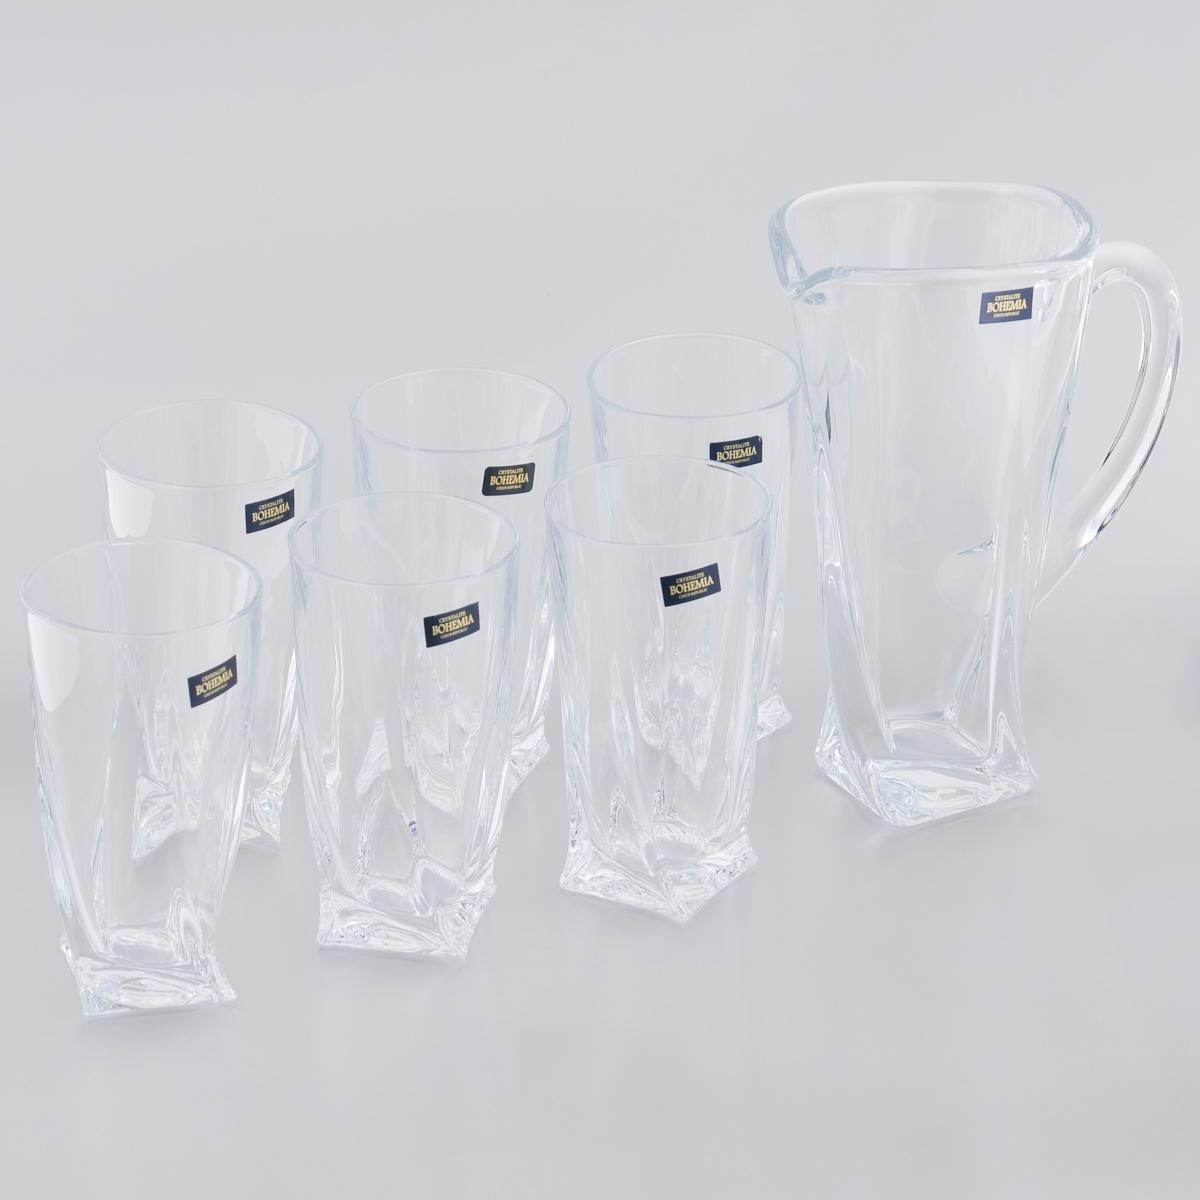 Набор для воды Crystalite Bohemia Квадро, 7 предметов99999/9/99A44/100Набор Crystalite Bohemia Квадро состоит из шести стаканов и графина, выполненных из прочного утолщенного стекла кристалайт. Изделия оснащены рельефной поверхностью, грани которой закручены книзу. Предметы набора предназначены для воды, сока и других напитков. Они излучают приятный блеск и издают мелодичный звон. Изделия сочетают в себе элегантный дизайн и функциональность. Благодаря такому набору пить напитки будет еще вкуснее.Набор для воды Crystalite Bohemia Квадро прекрасно оформит праздничный стол и создаст приятную атмосферу. Такой набор также станет хорошим подарком к любому случаю. Можно использовать в посудомоечной машине и микроволновой печи.